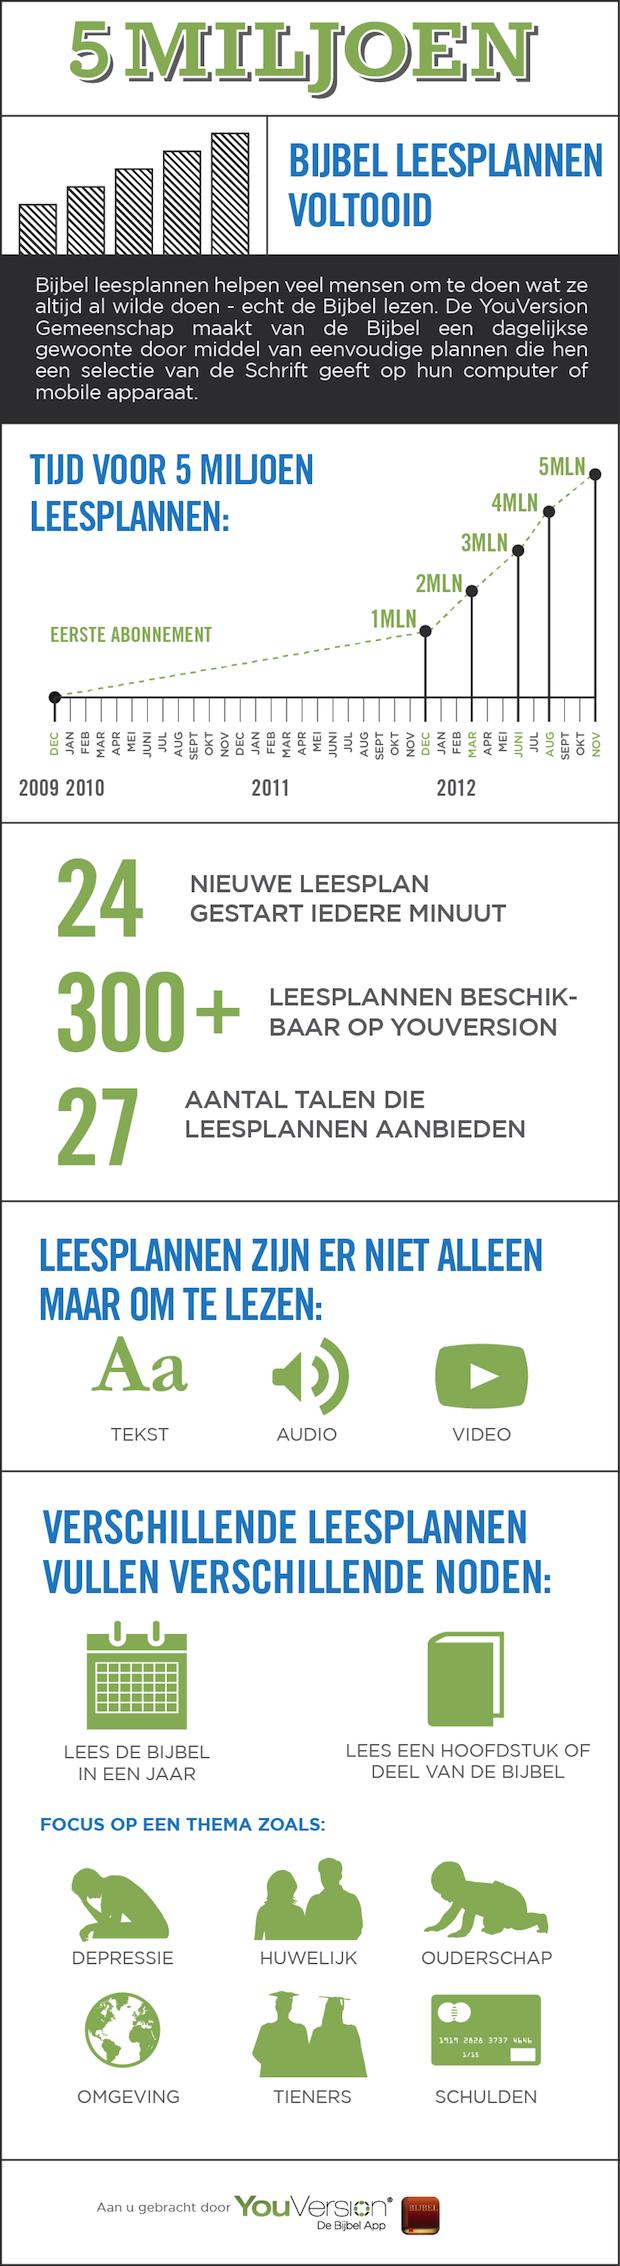 5 miljoen leesplannen youversion (infographic)